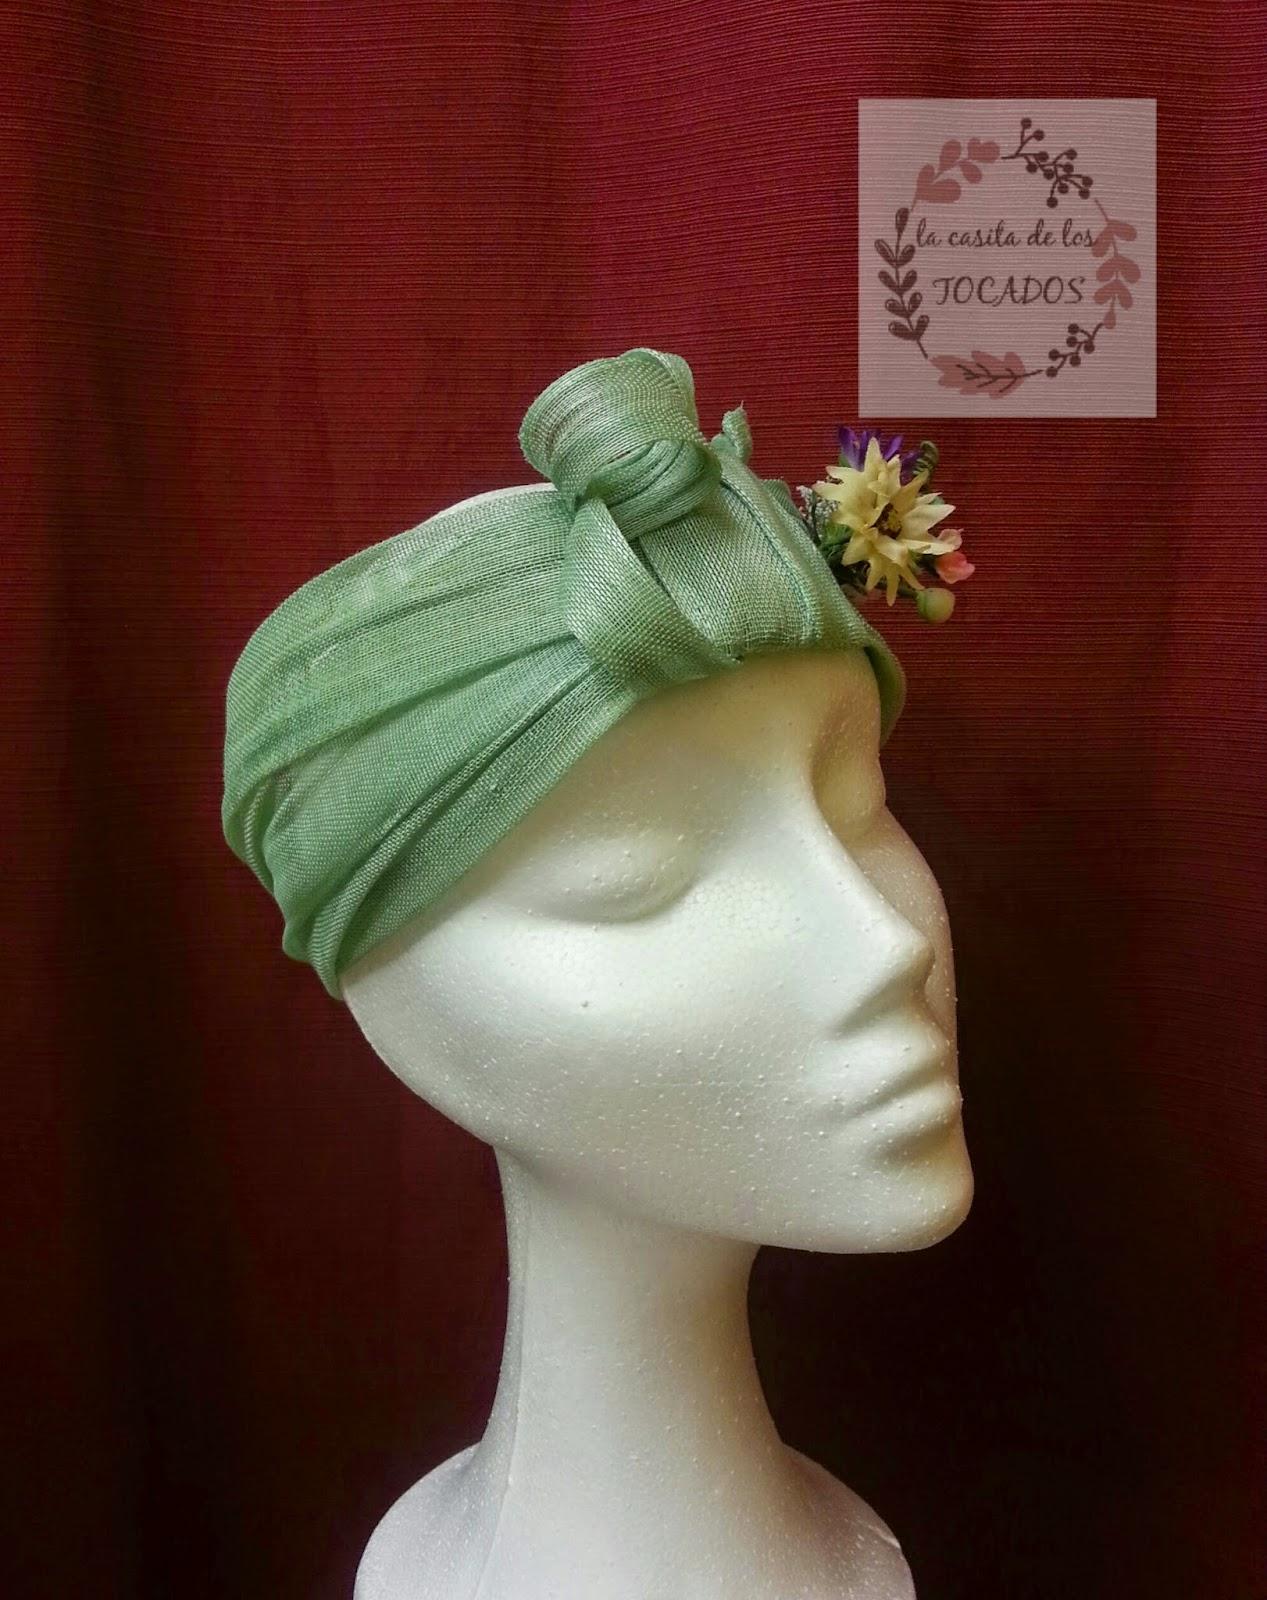 turbante artesanal en sinamay de seda verde agua con florecillas de colores variados